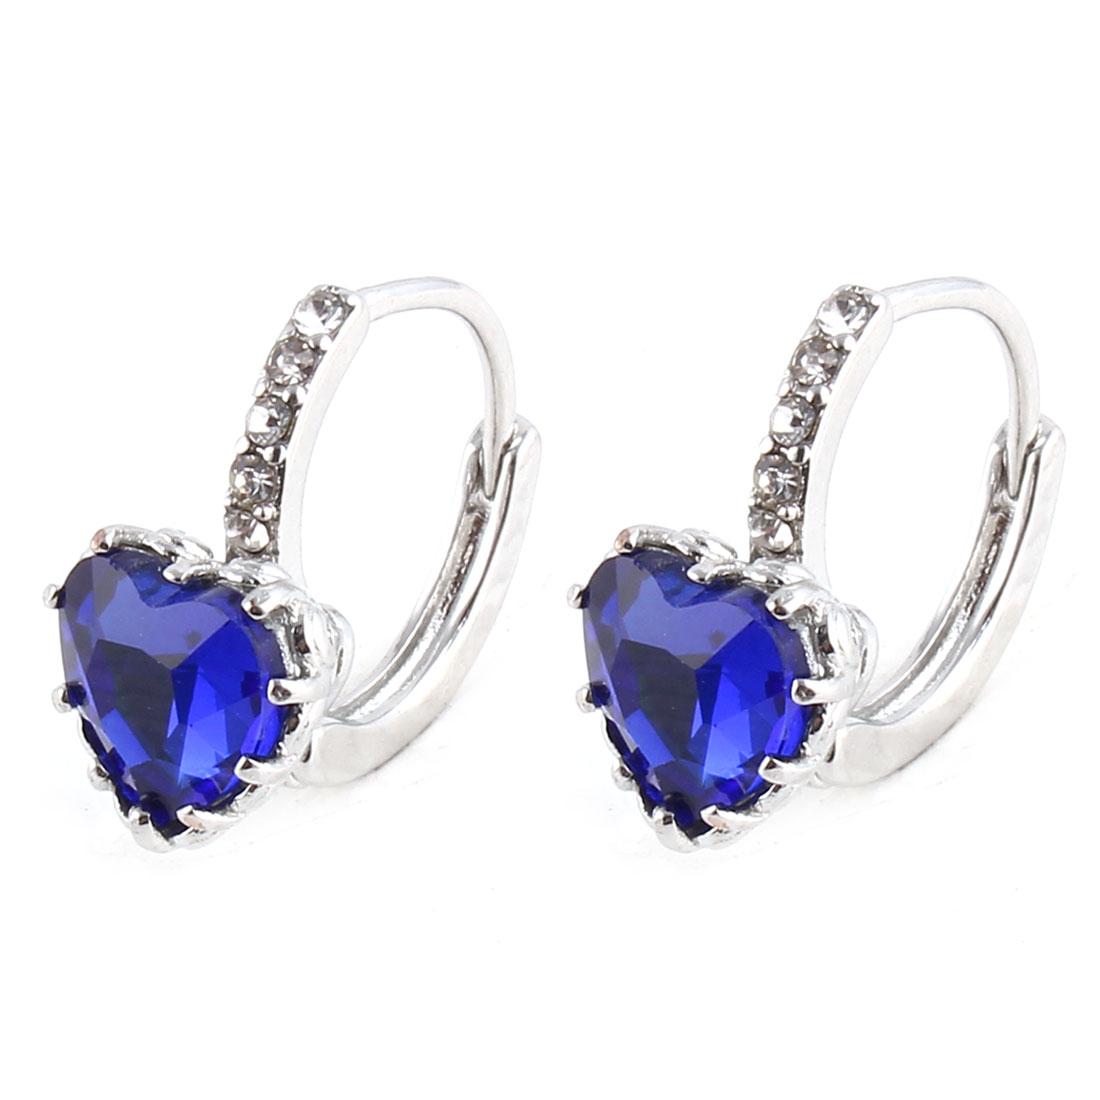 Women Metal Heart Shaped Faux Rhinestone Jewelry Decor Eardrop Hoop Earrings Dark Blue Pair